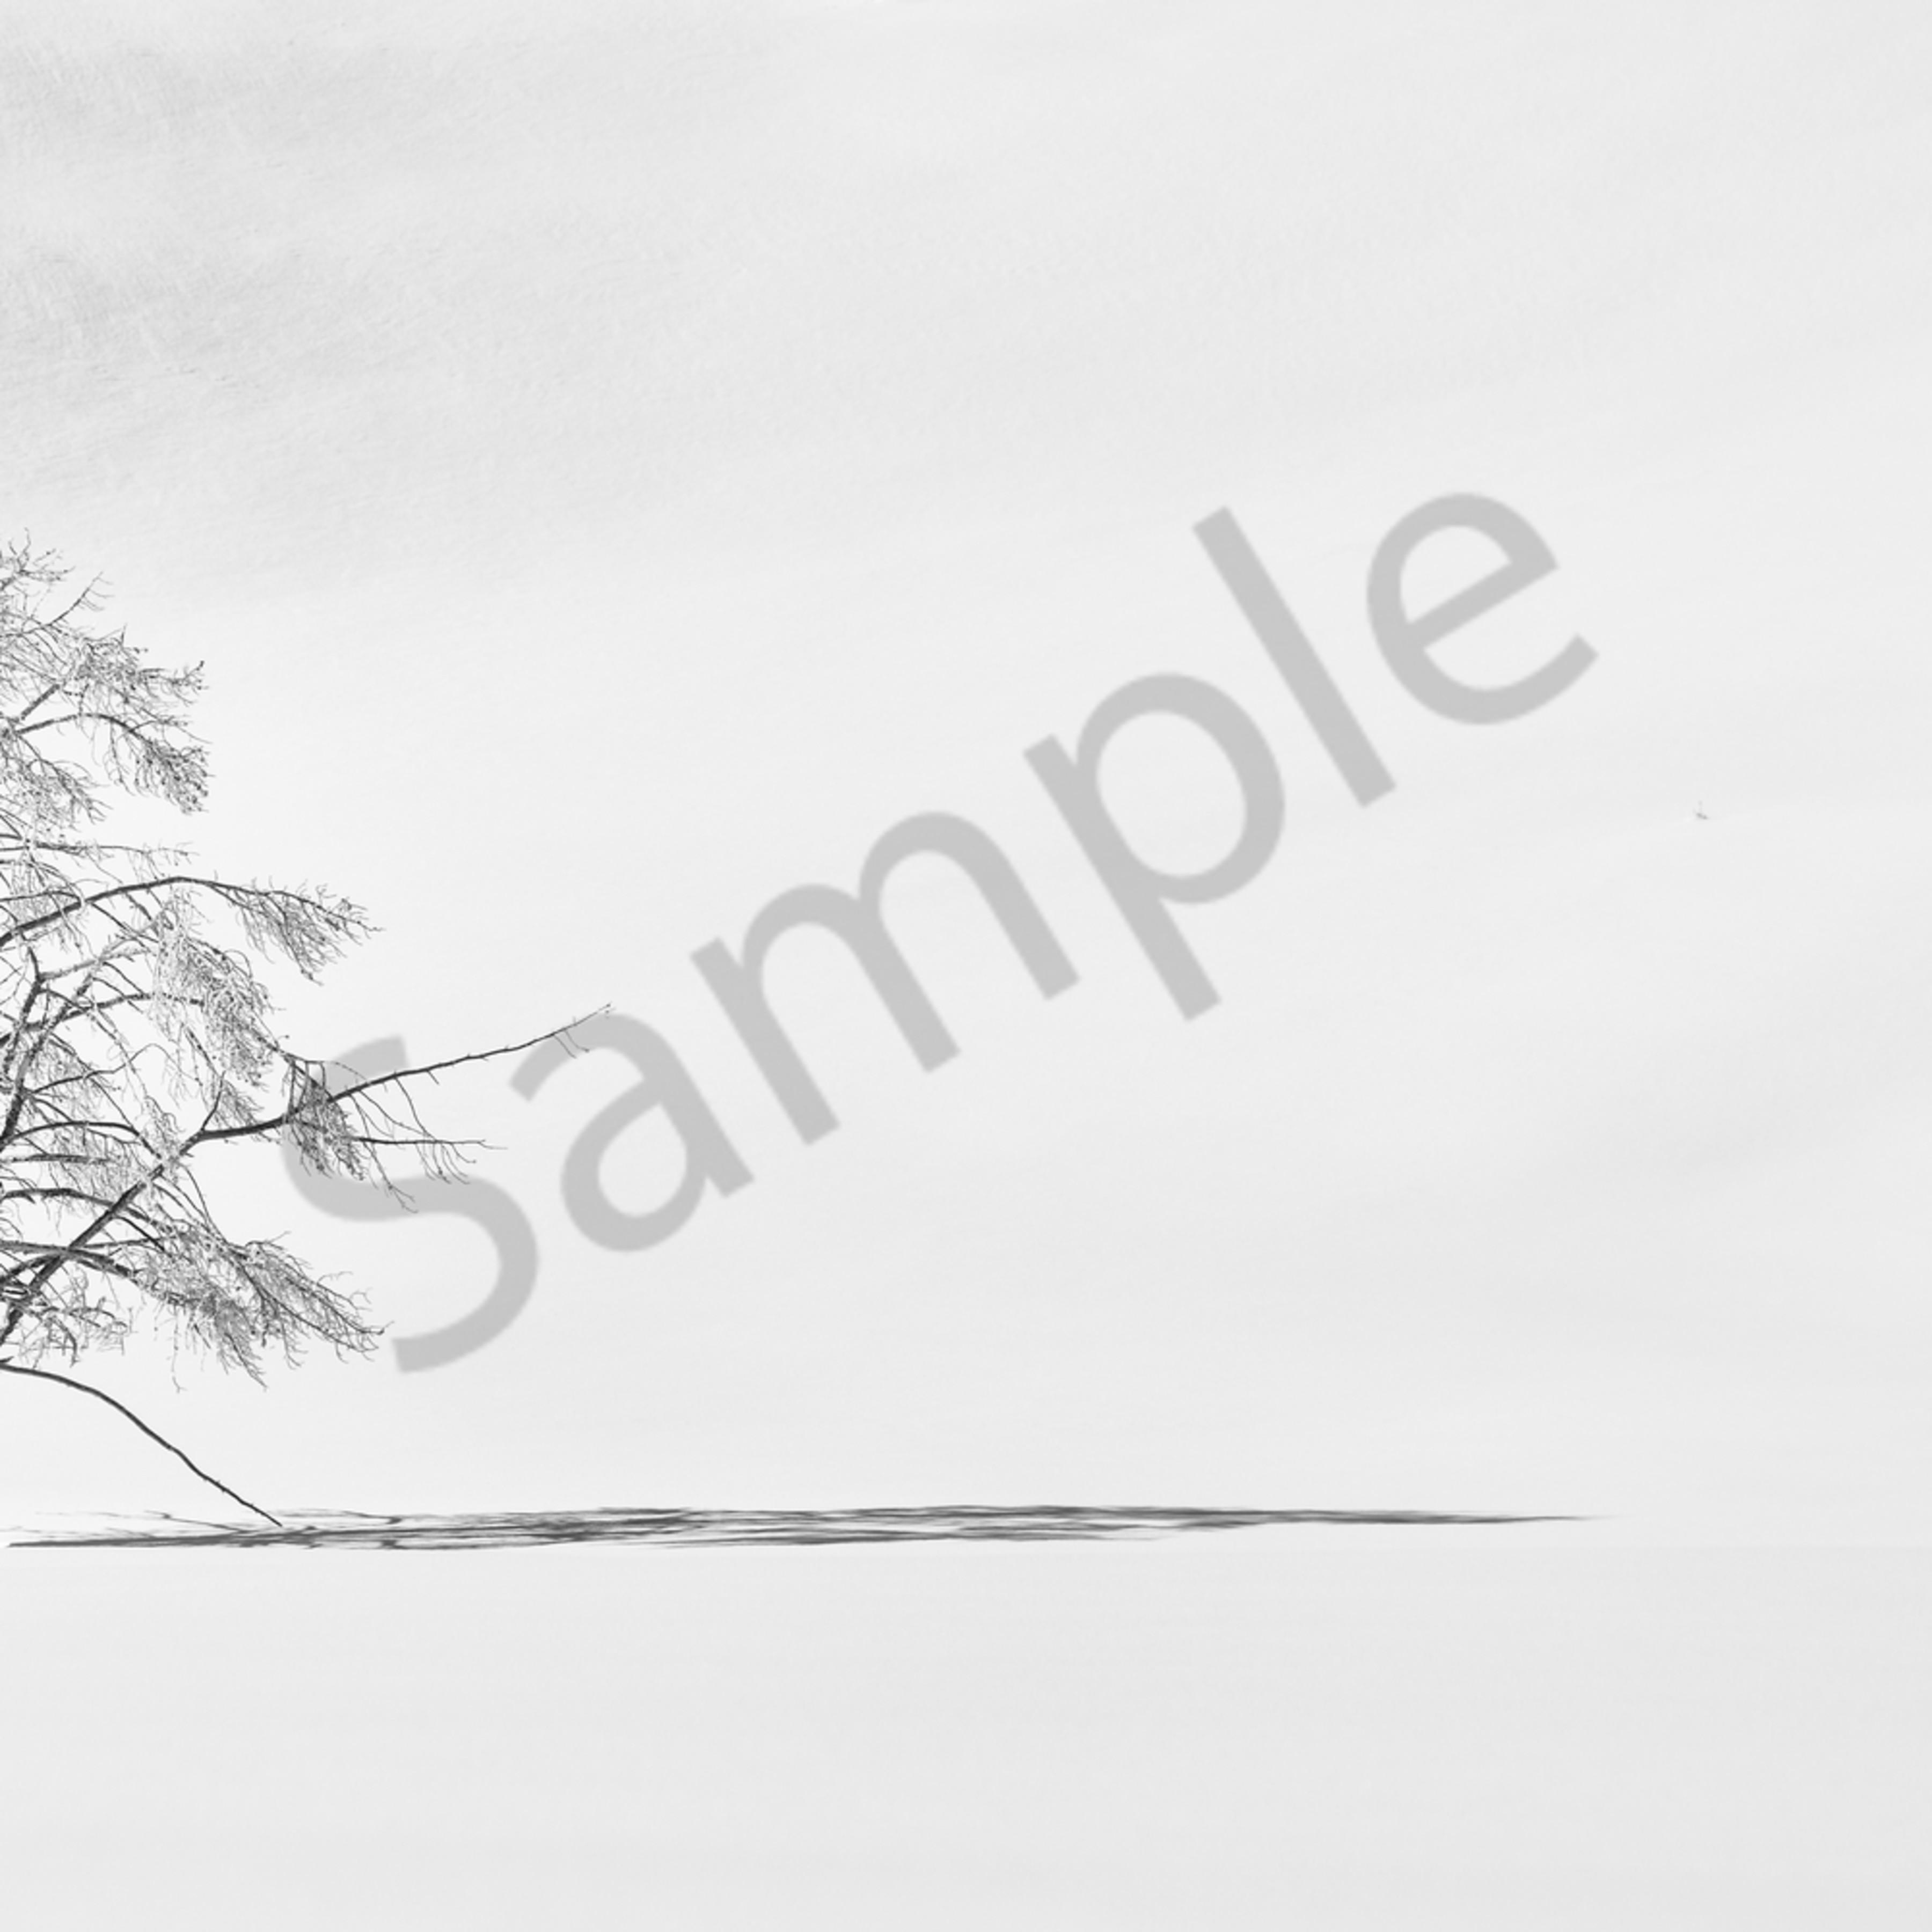 1 dsc 9266 lonesome tree 12x24 no landscape k461oj